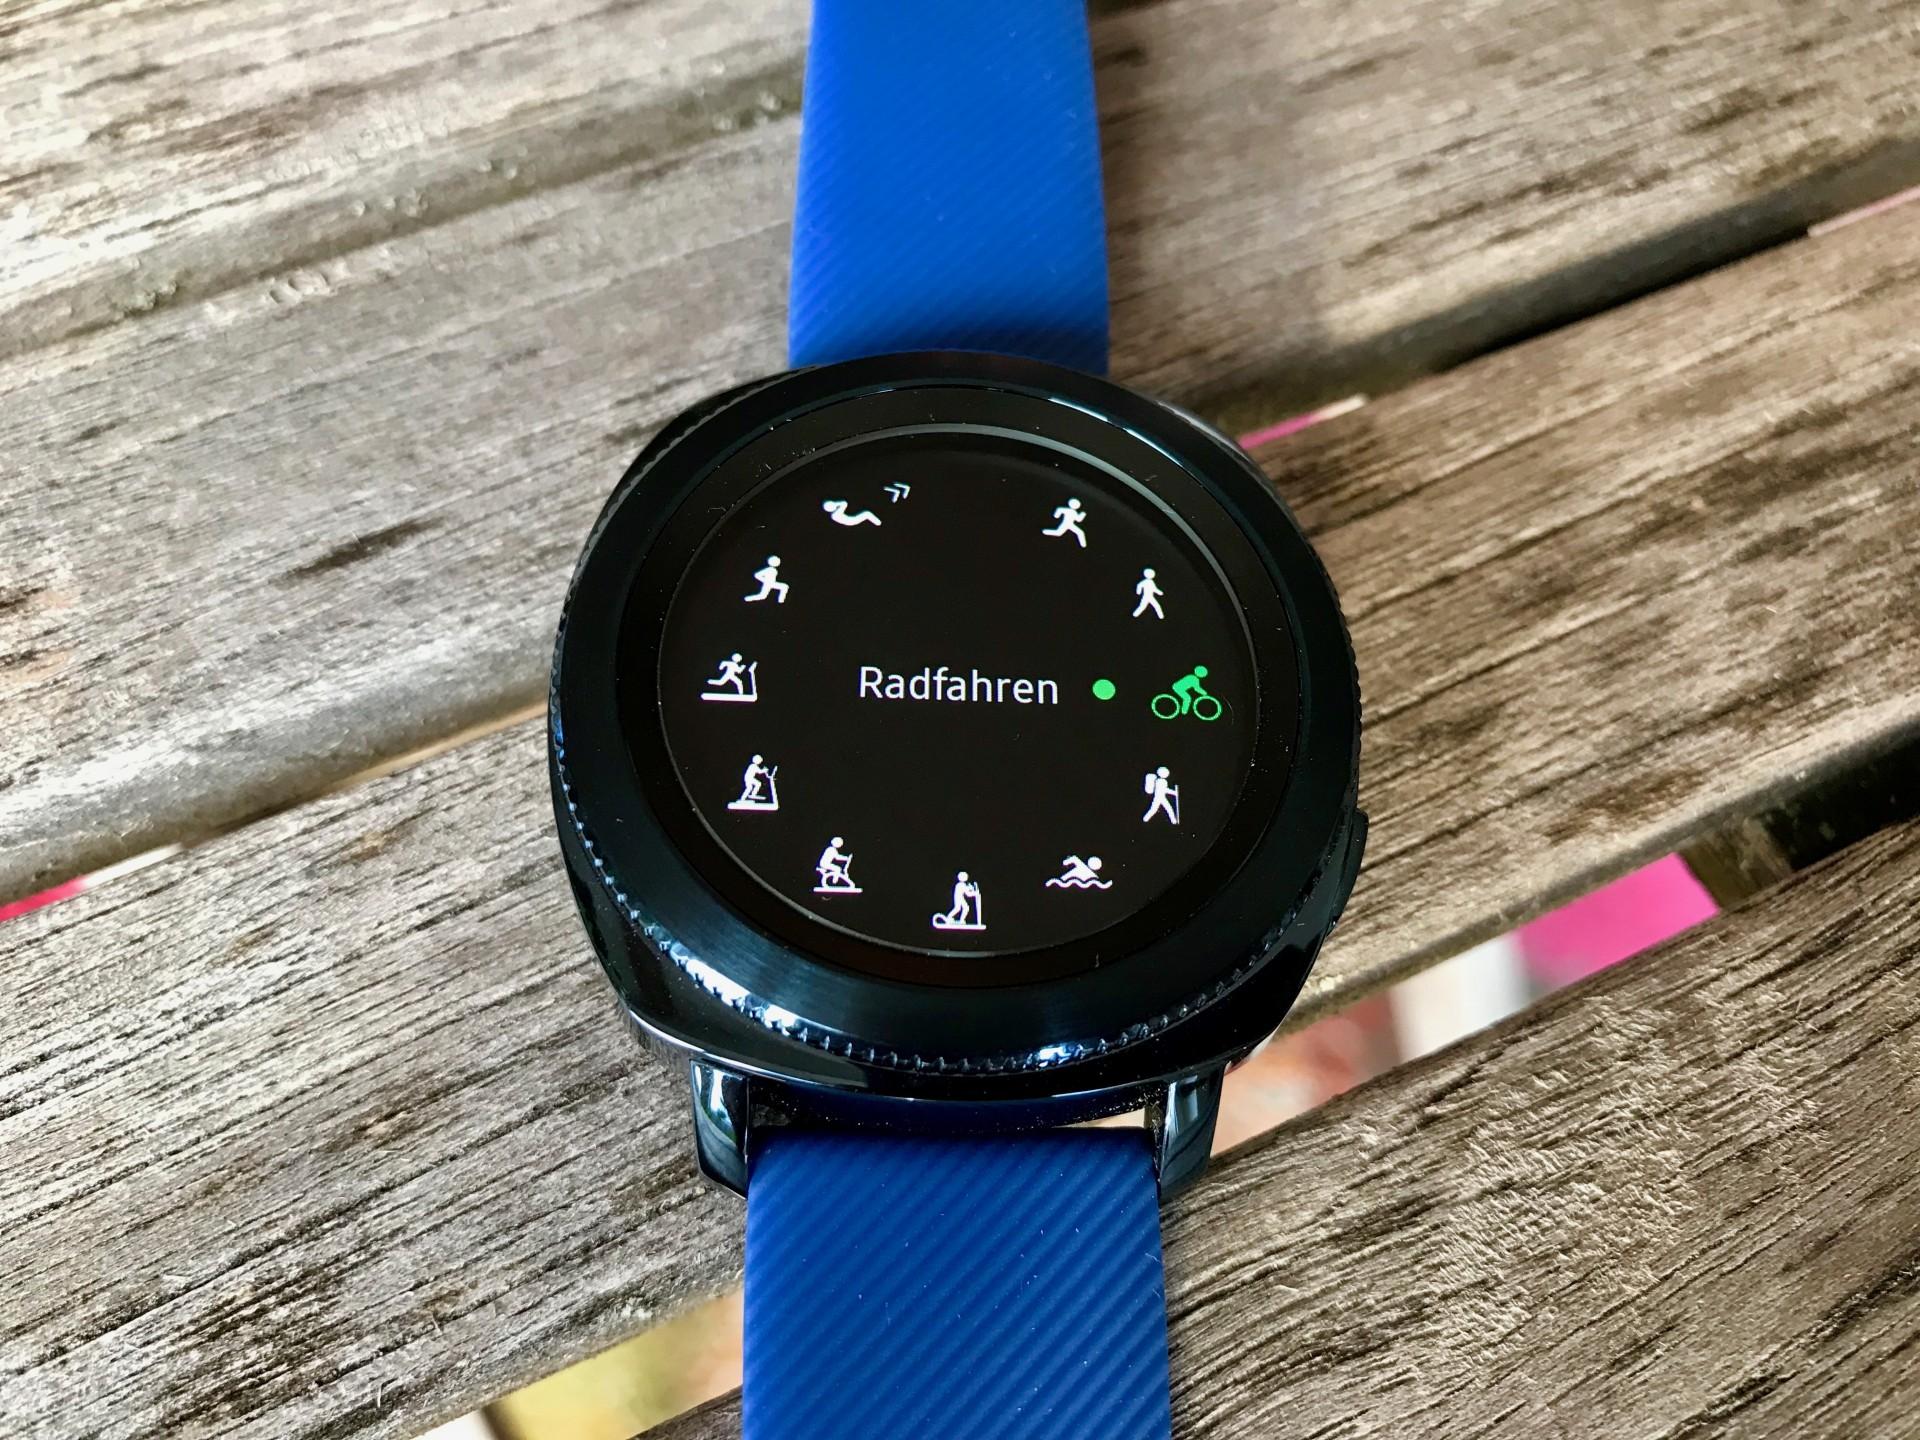 Samsung Gear Sport im Test: Die schlaue Sportuhr - Auf der Uhr selbst finden sich viele vorinstallierte Sportarten zur Auswahl. (Foto: P. Steinlechner / Golem.de)